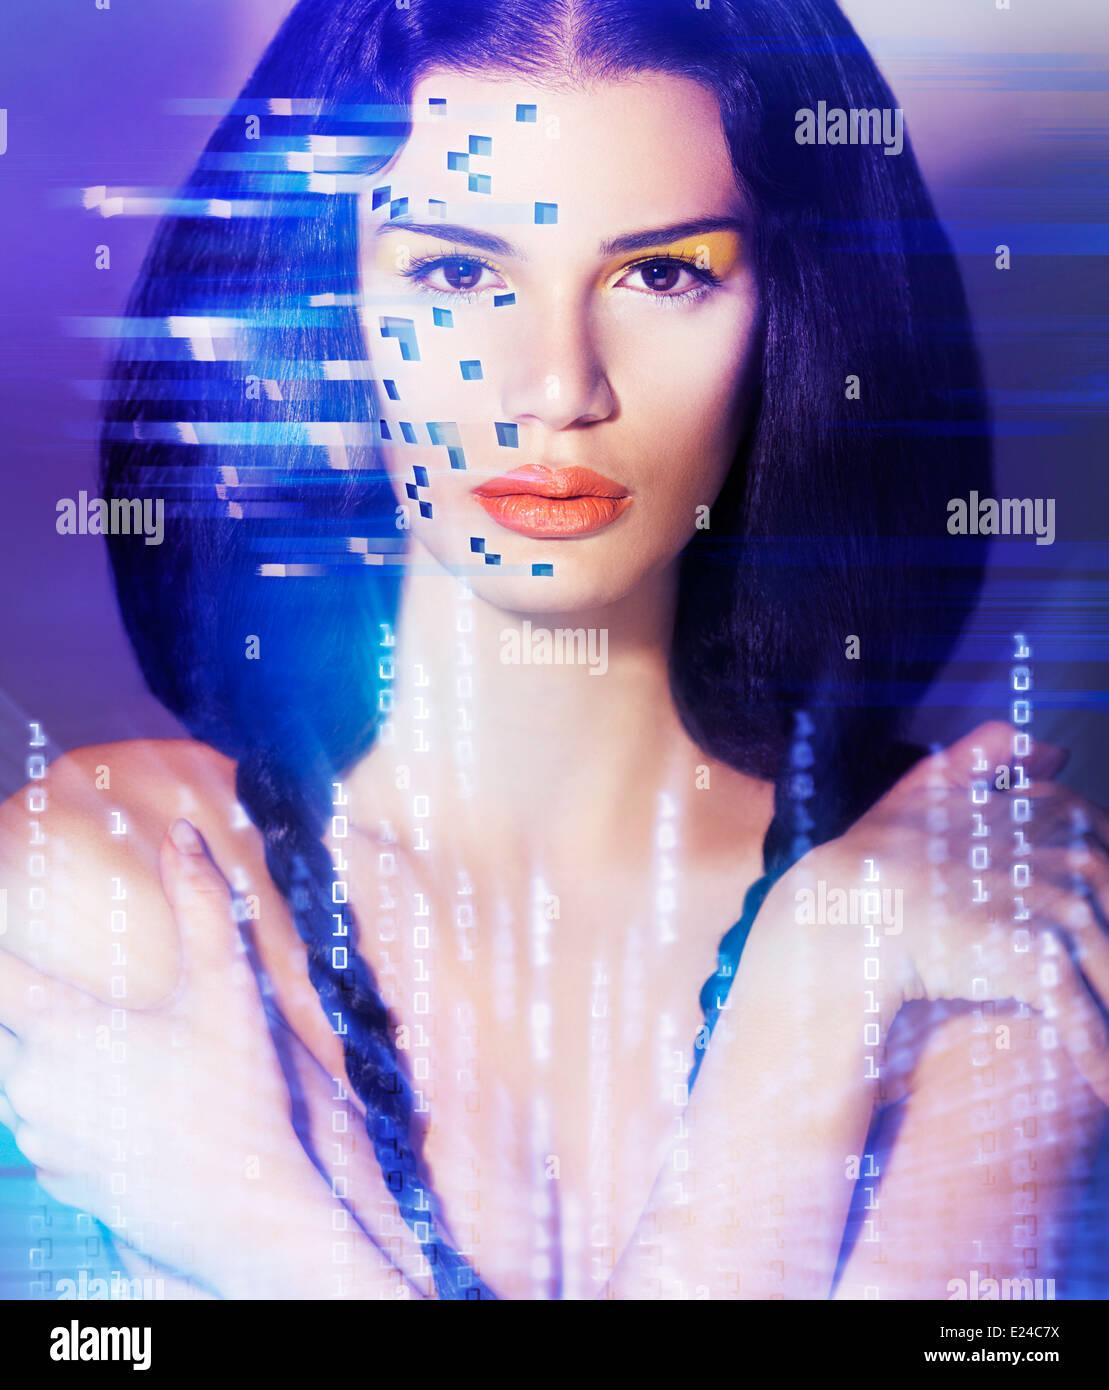 Ritratto di una giovane donna bella faccia digitale in realtà virtuale. Concetto artistico. Immagini Stock